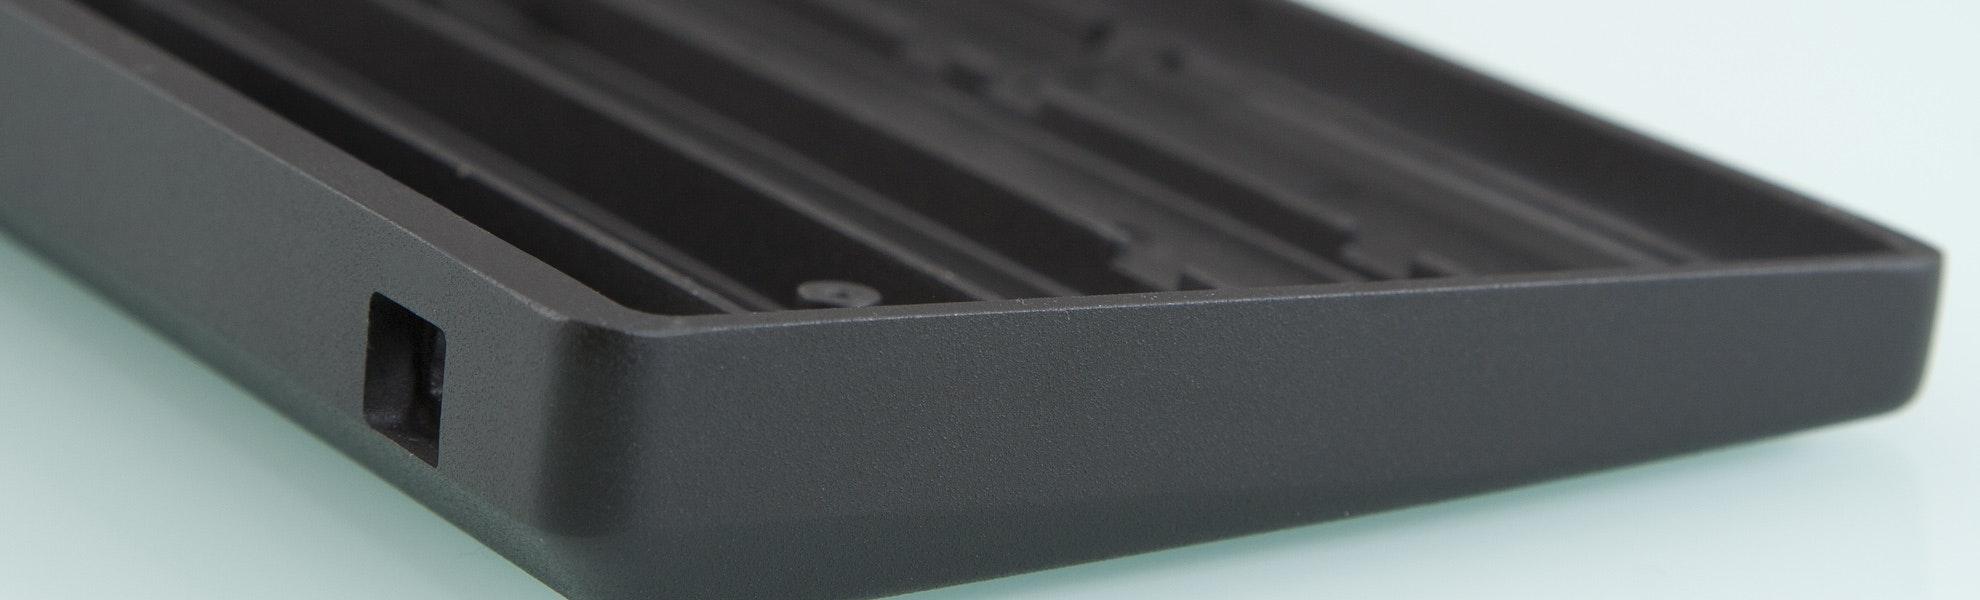 Vortex Metal 60% Case